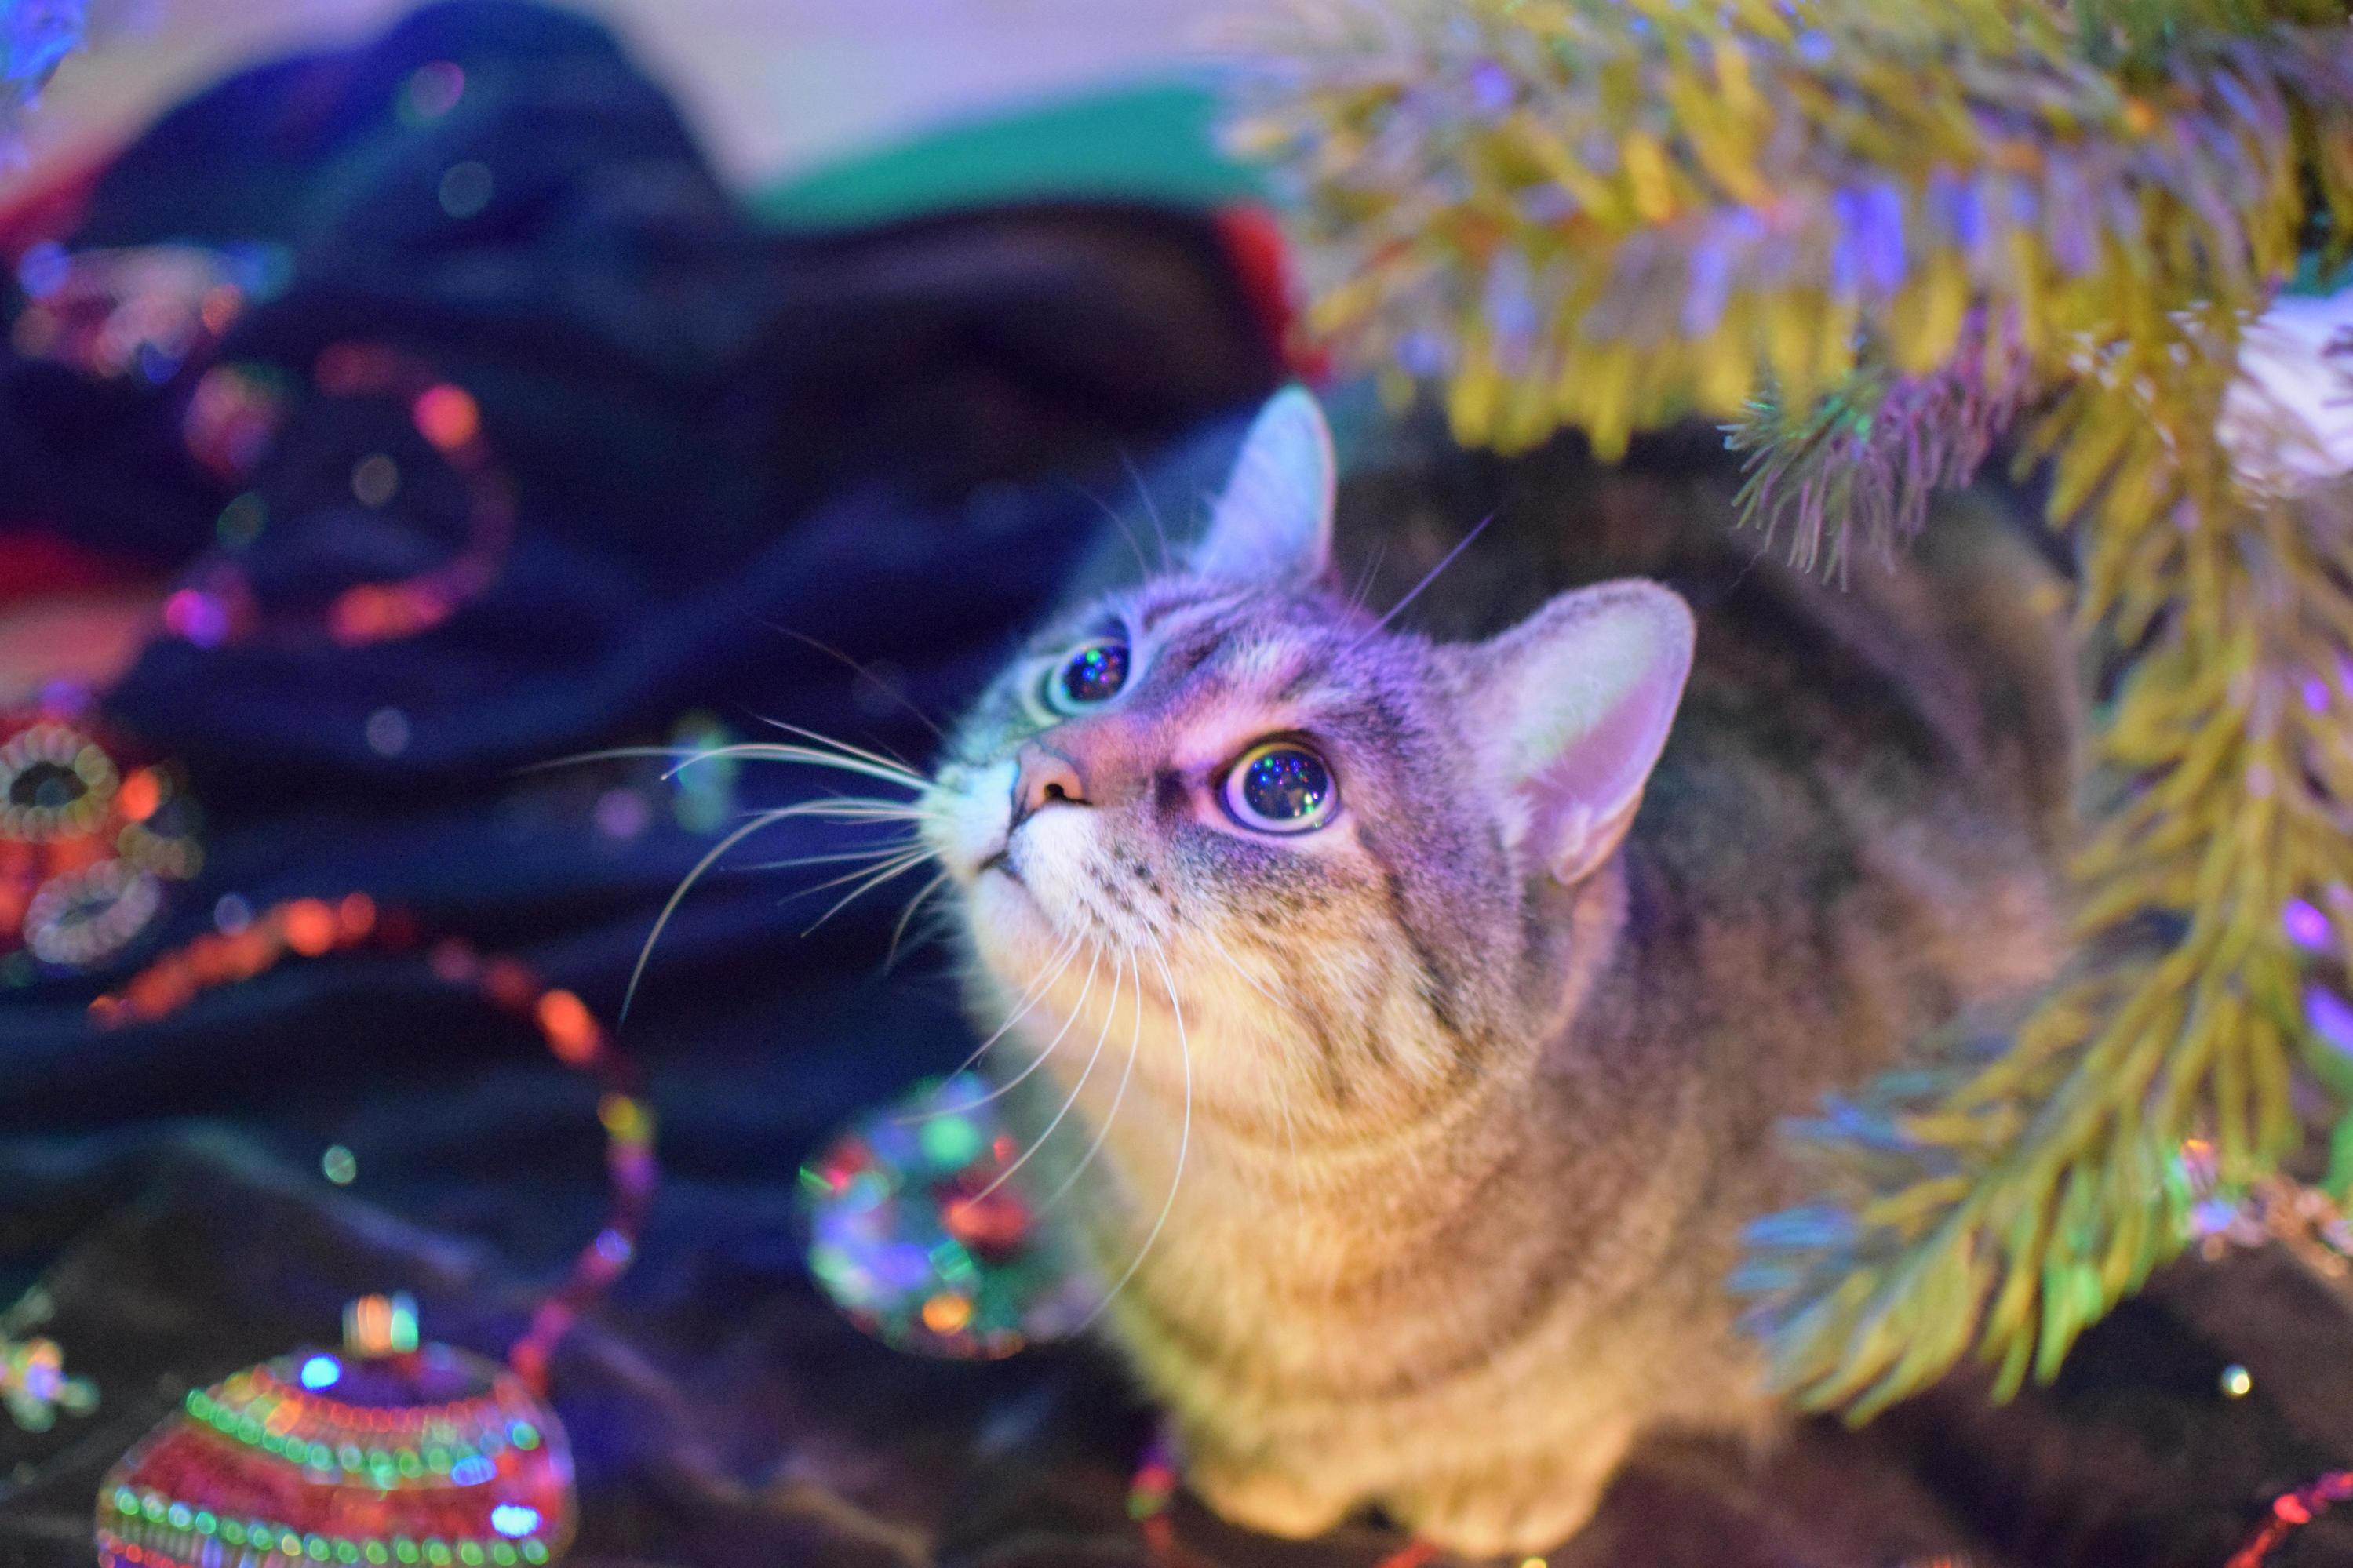 She loves christmas trees